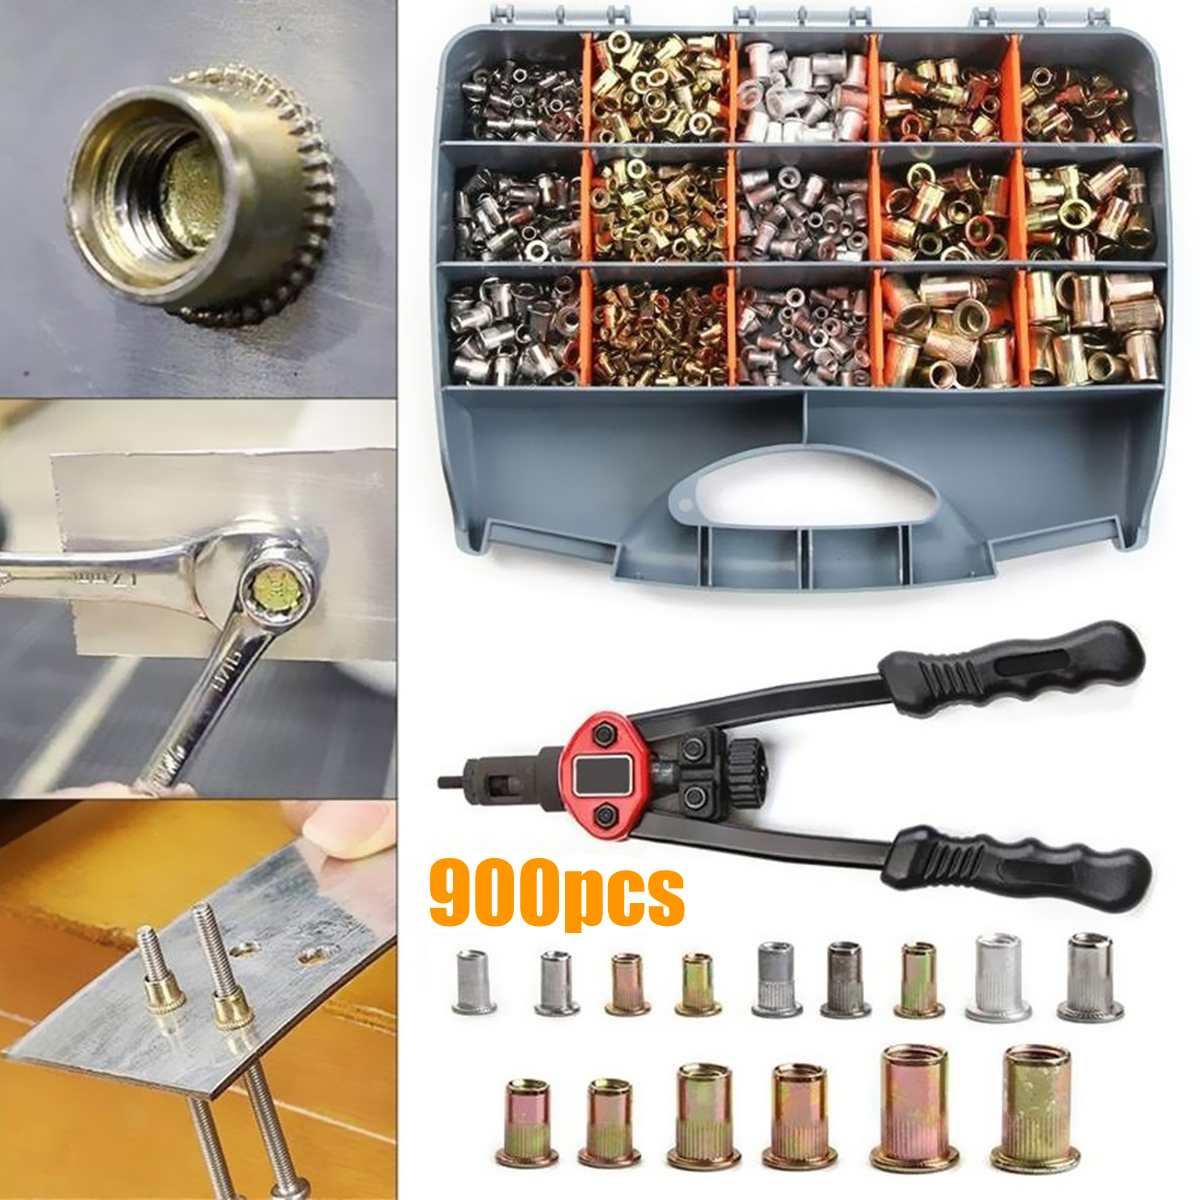 900-1000-1200pcs-m3-m12-riveter-guns-tools-set-metal-nut-riveting-kits-rivnut-manual-pull-nut-rivet-nutsert-insert-accessories